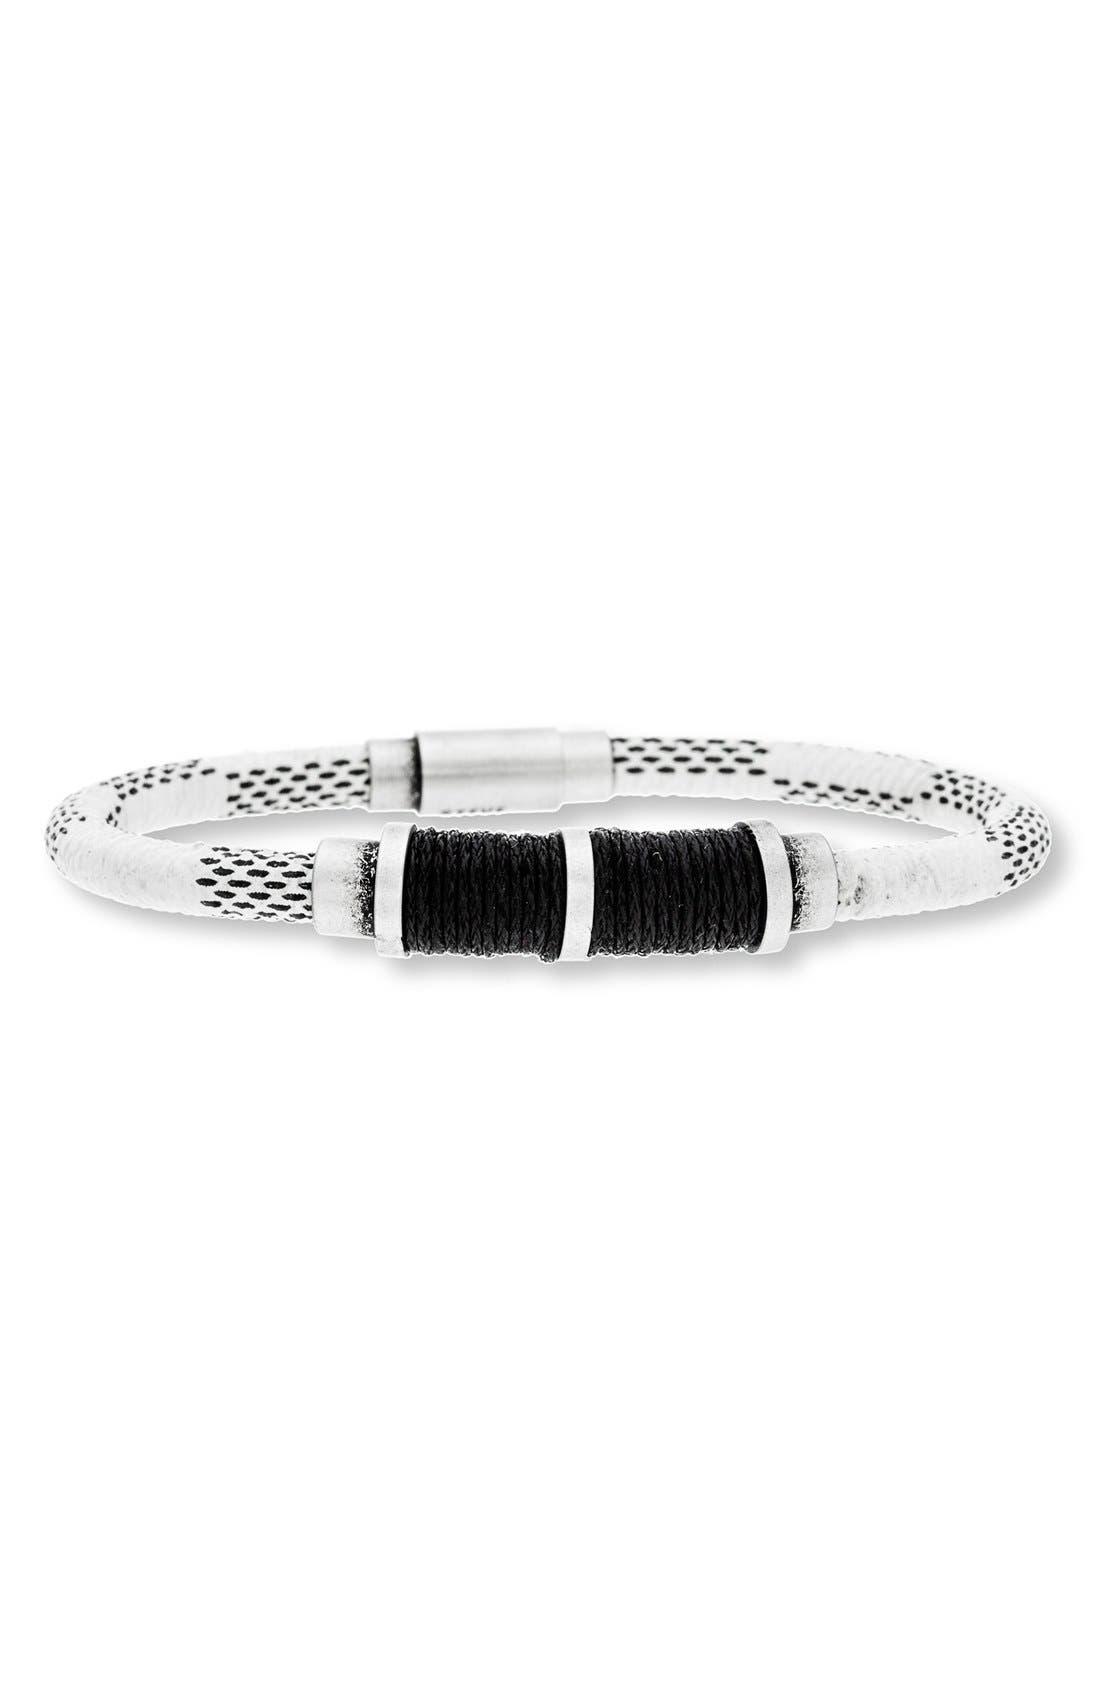 Steve Madden Stainless Steel & Leather Bracelet